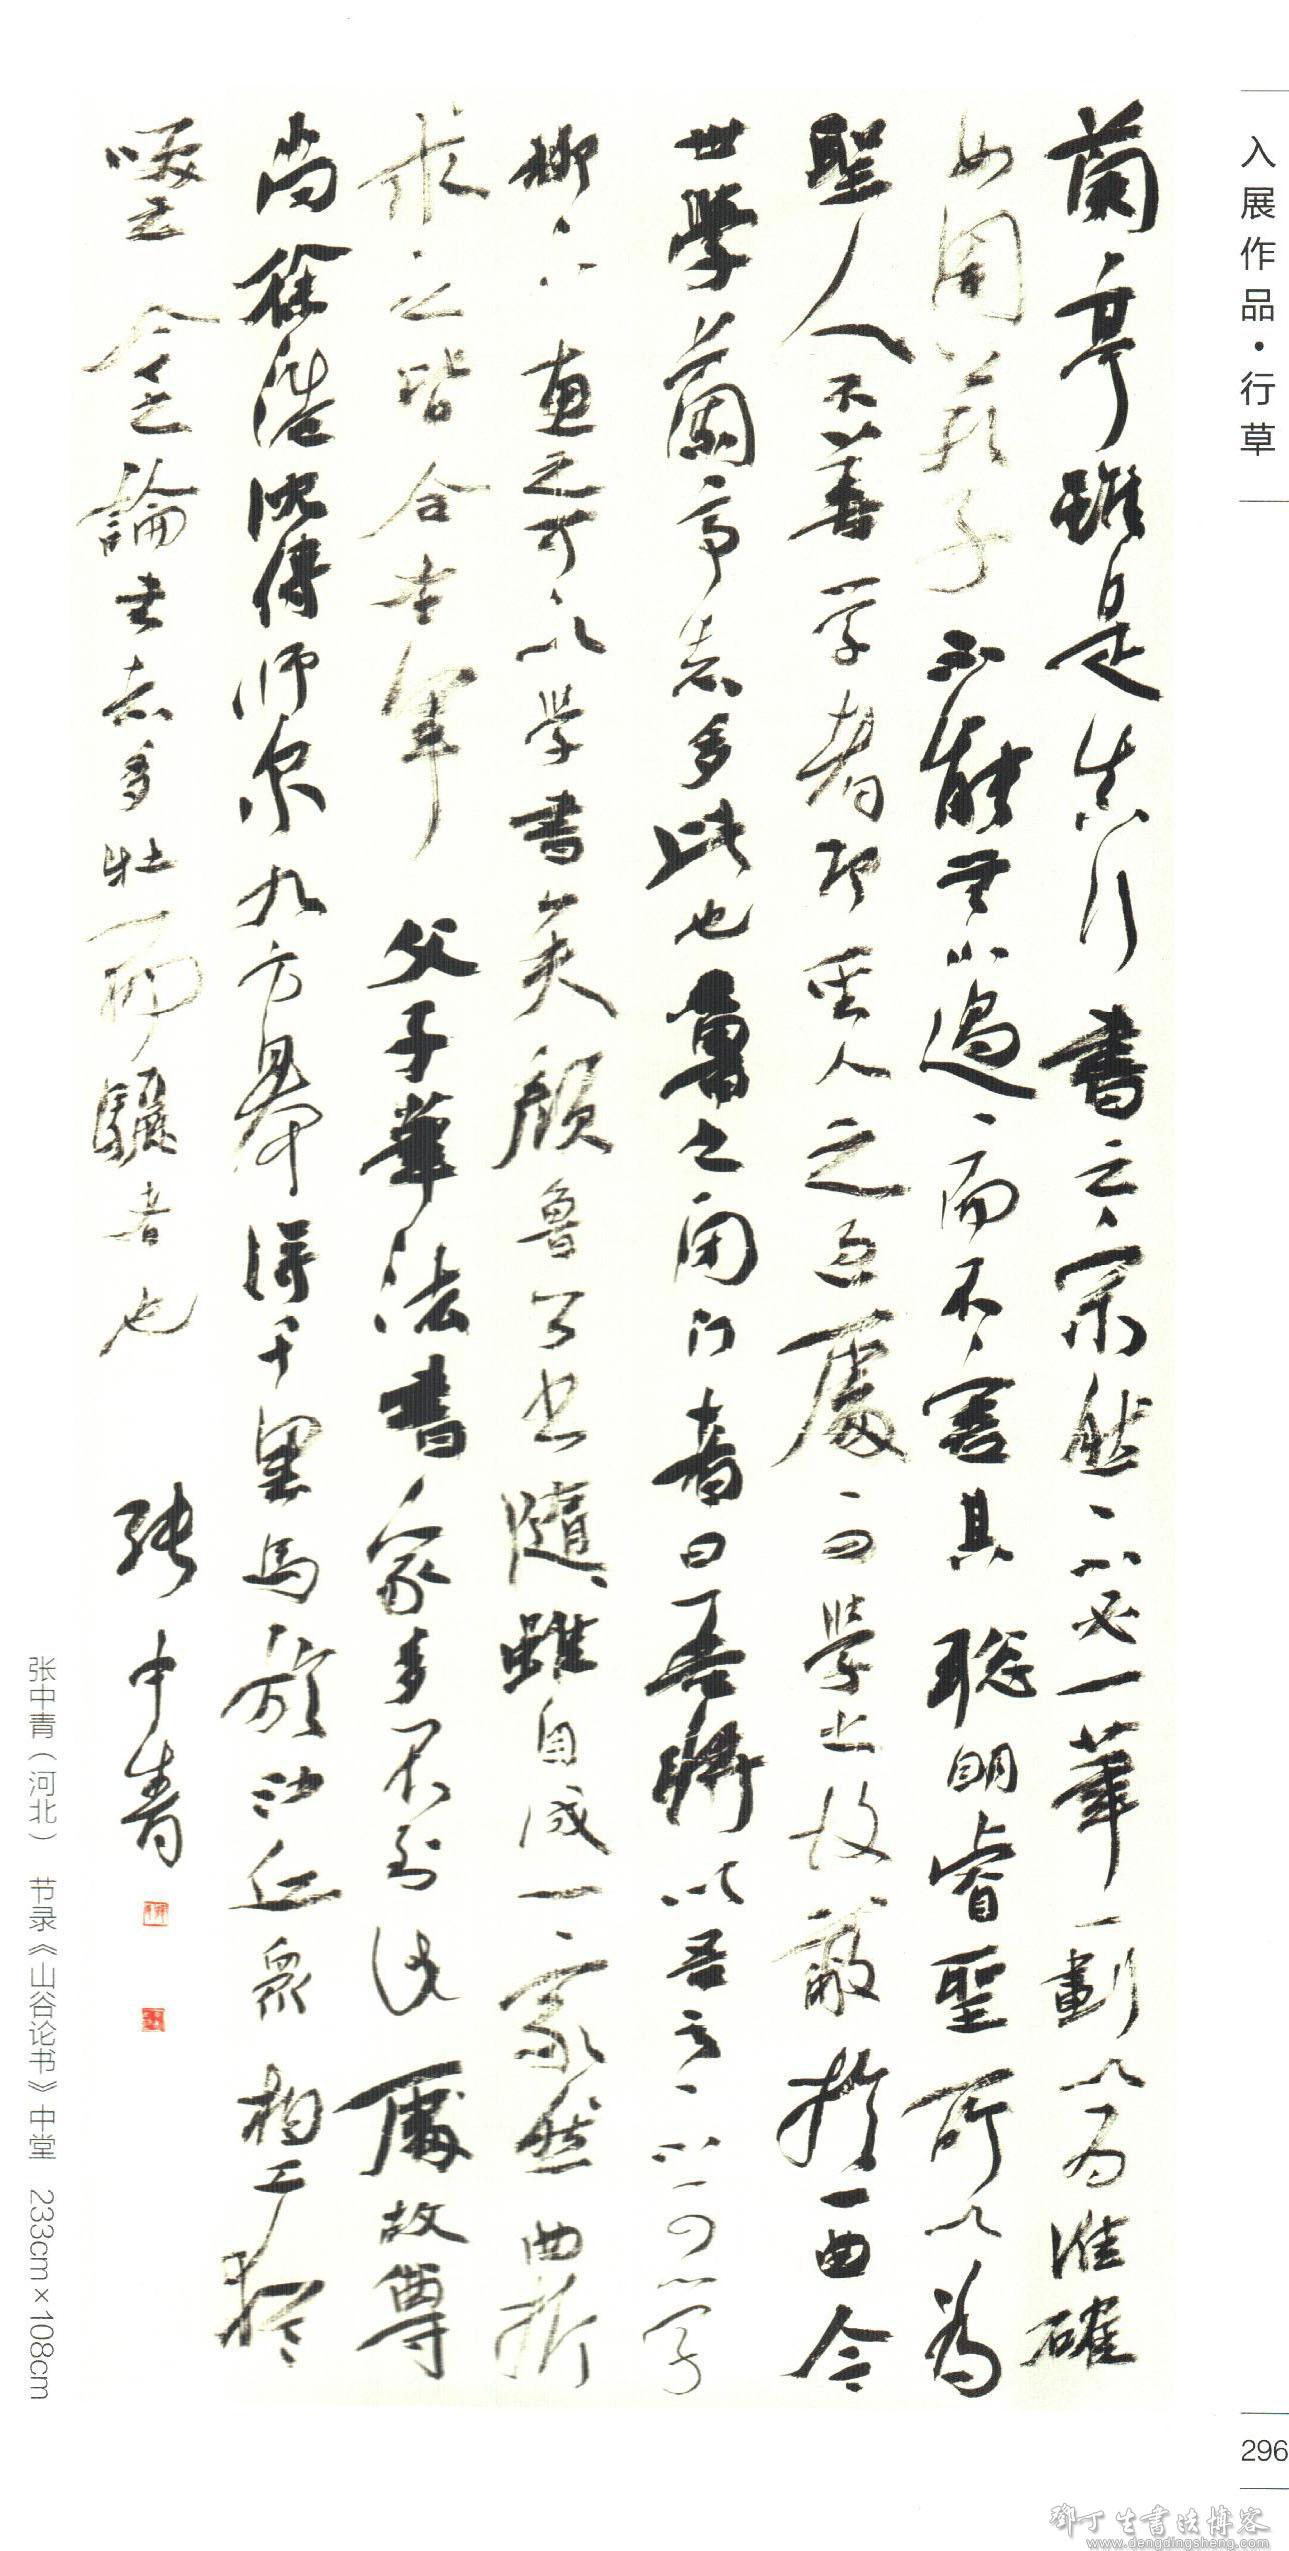 河北张中青十一届国展入展行草书作品